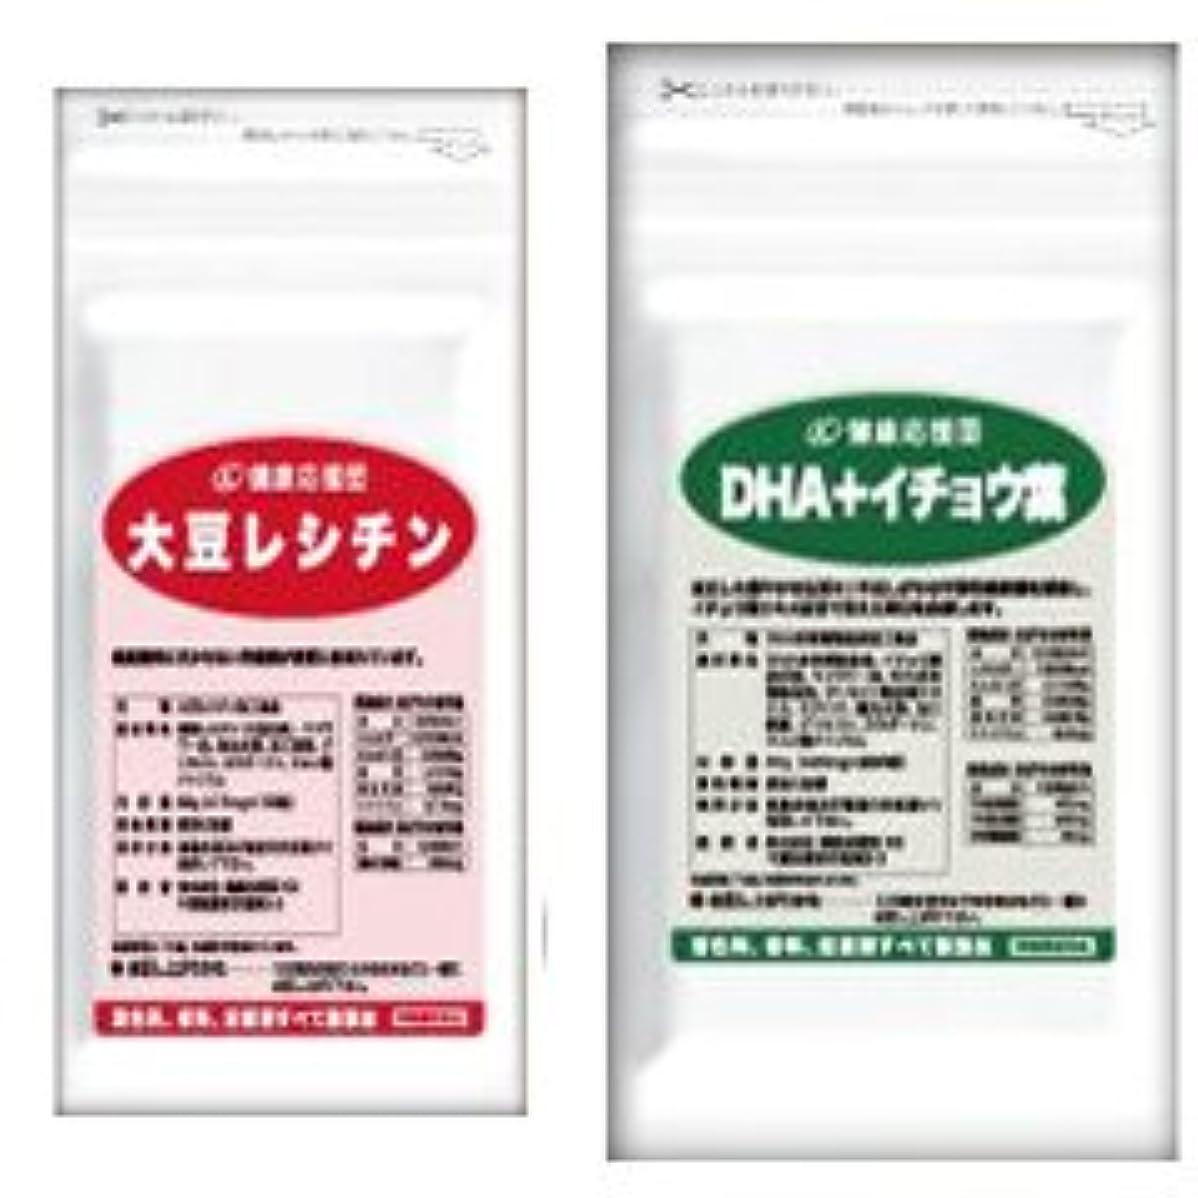 コレクションしっかりダイヤモンド流れサラサラセット 大豆レシチン+(DHA+イチョウ葉) (DHA?EPA?イチョウ葉)